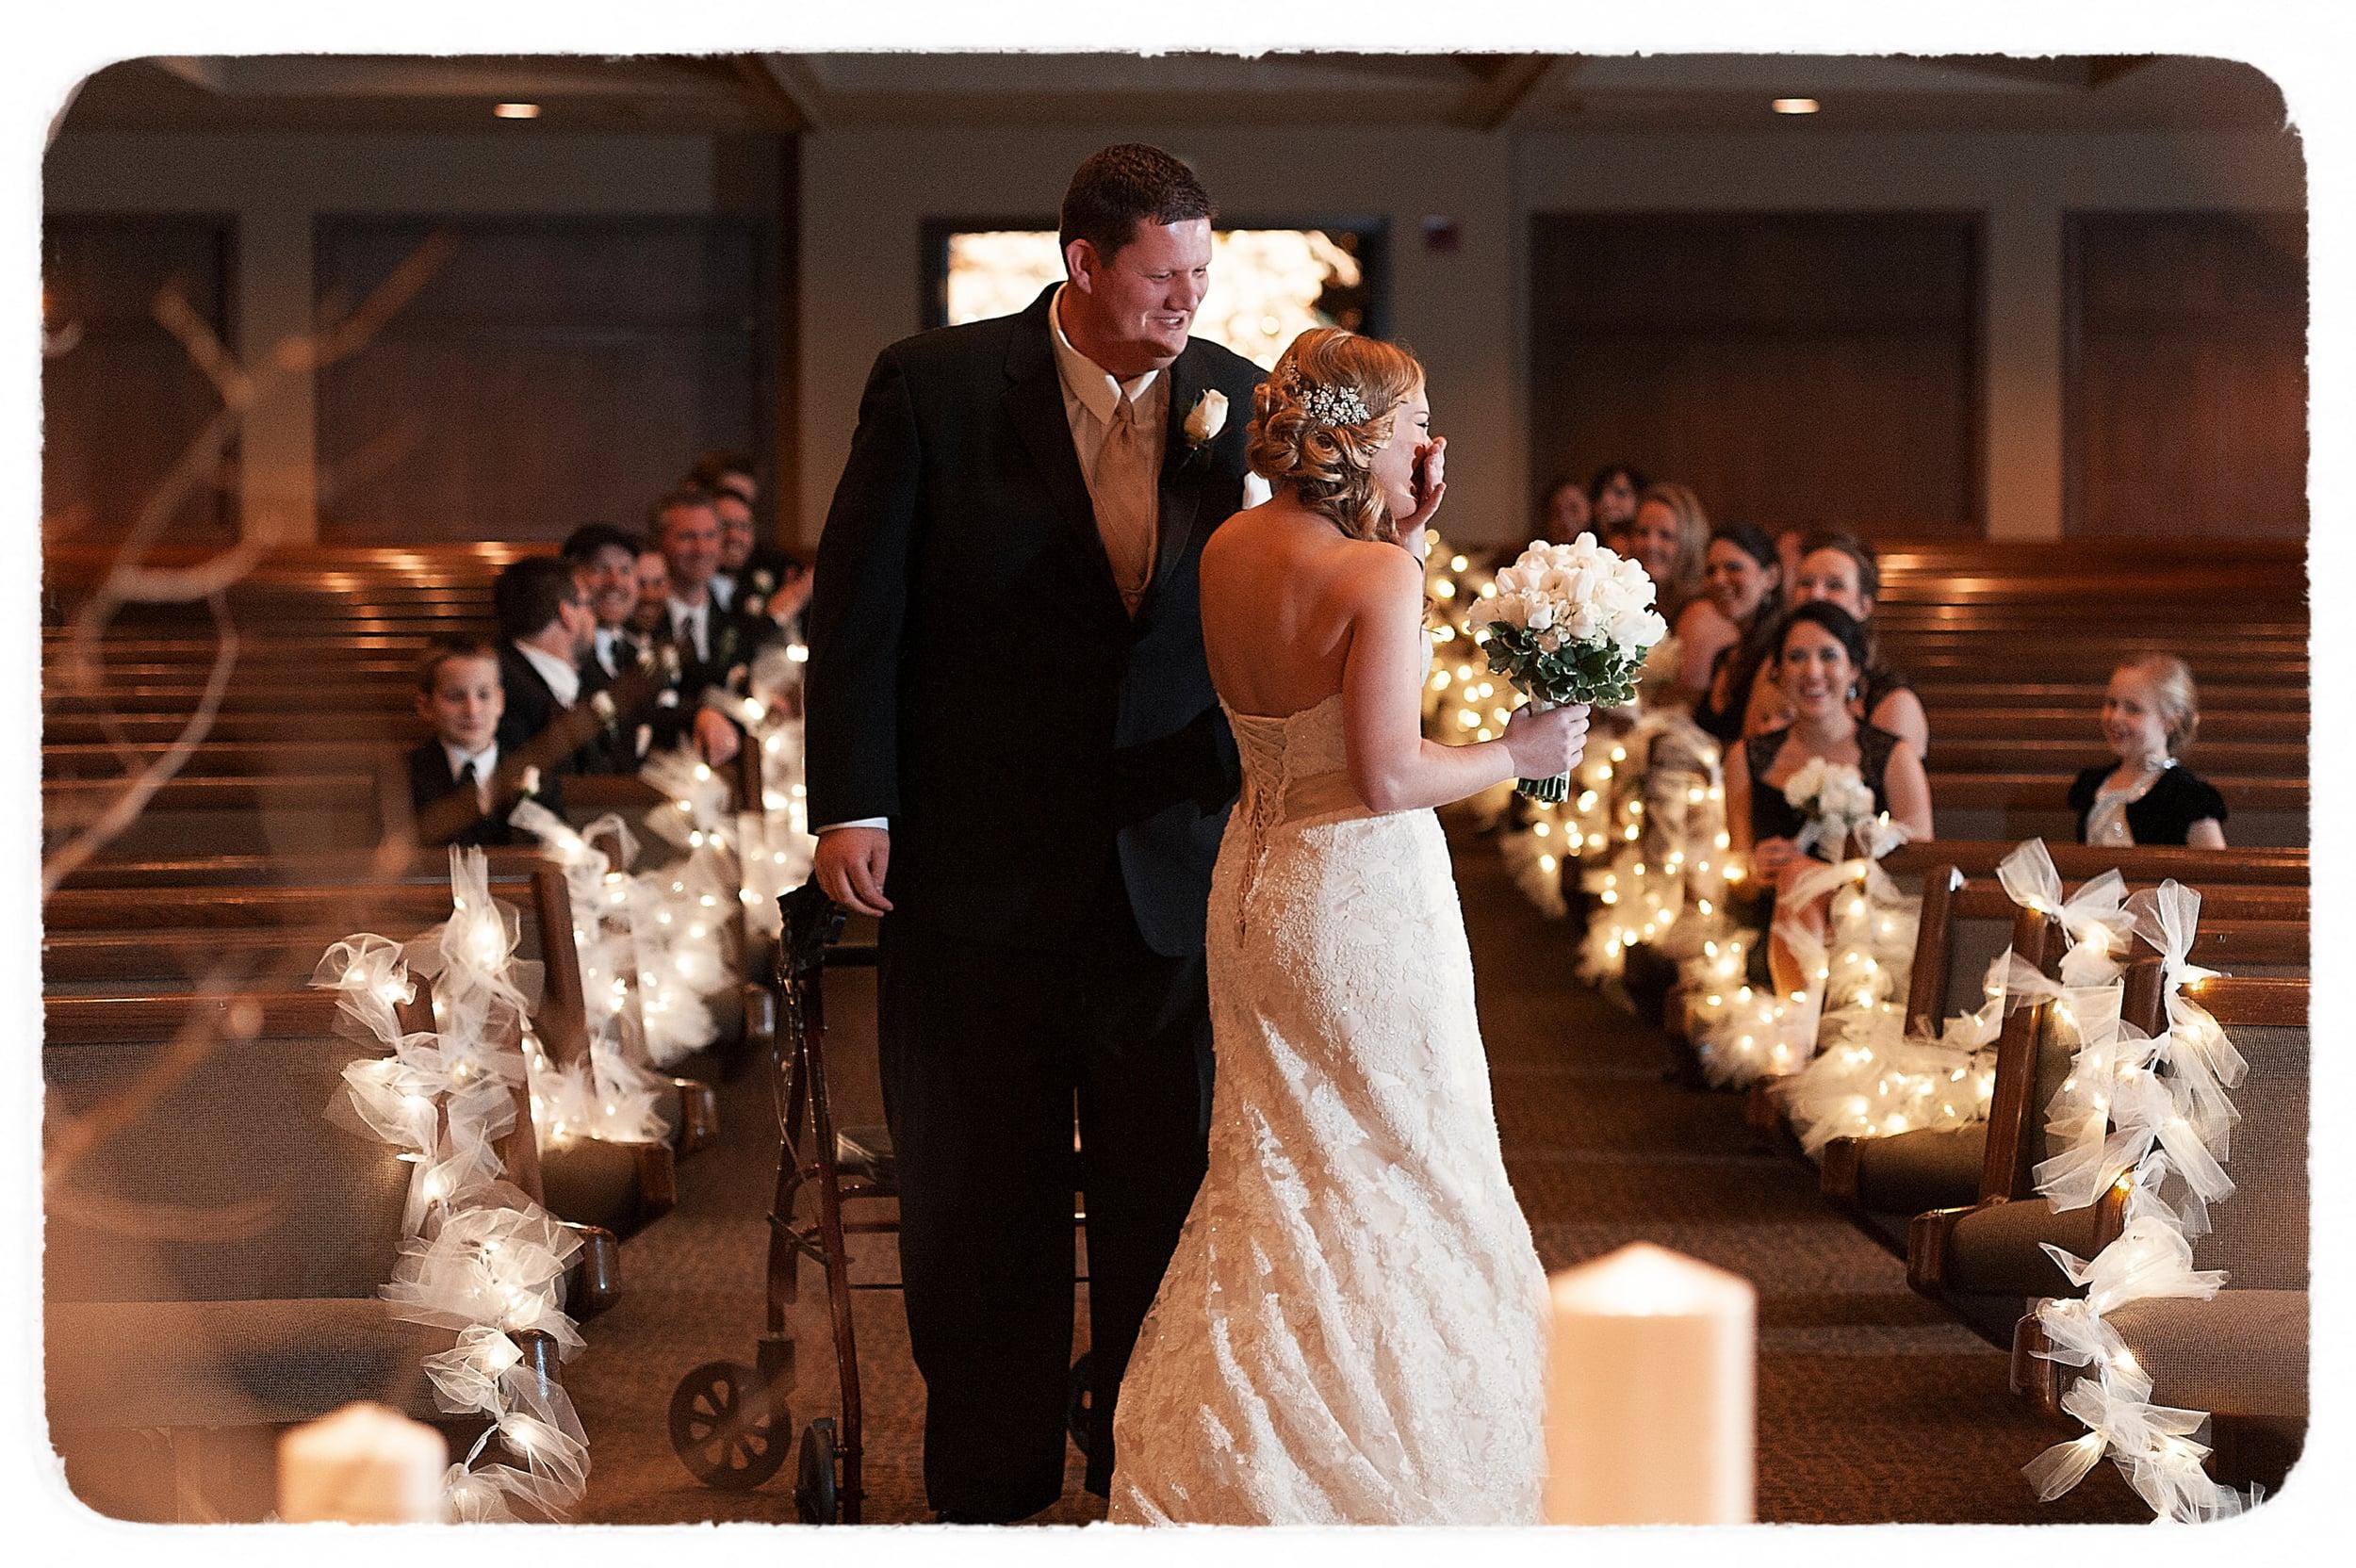 Jennifer & Patrick - Pre-Ceremony - 175Film.jpg